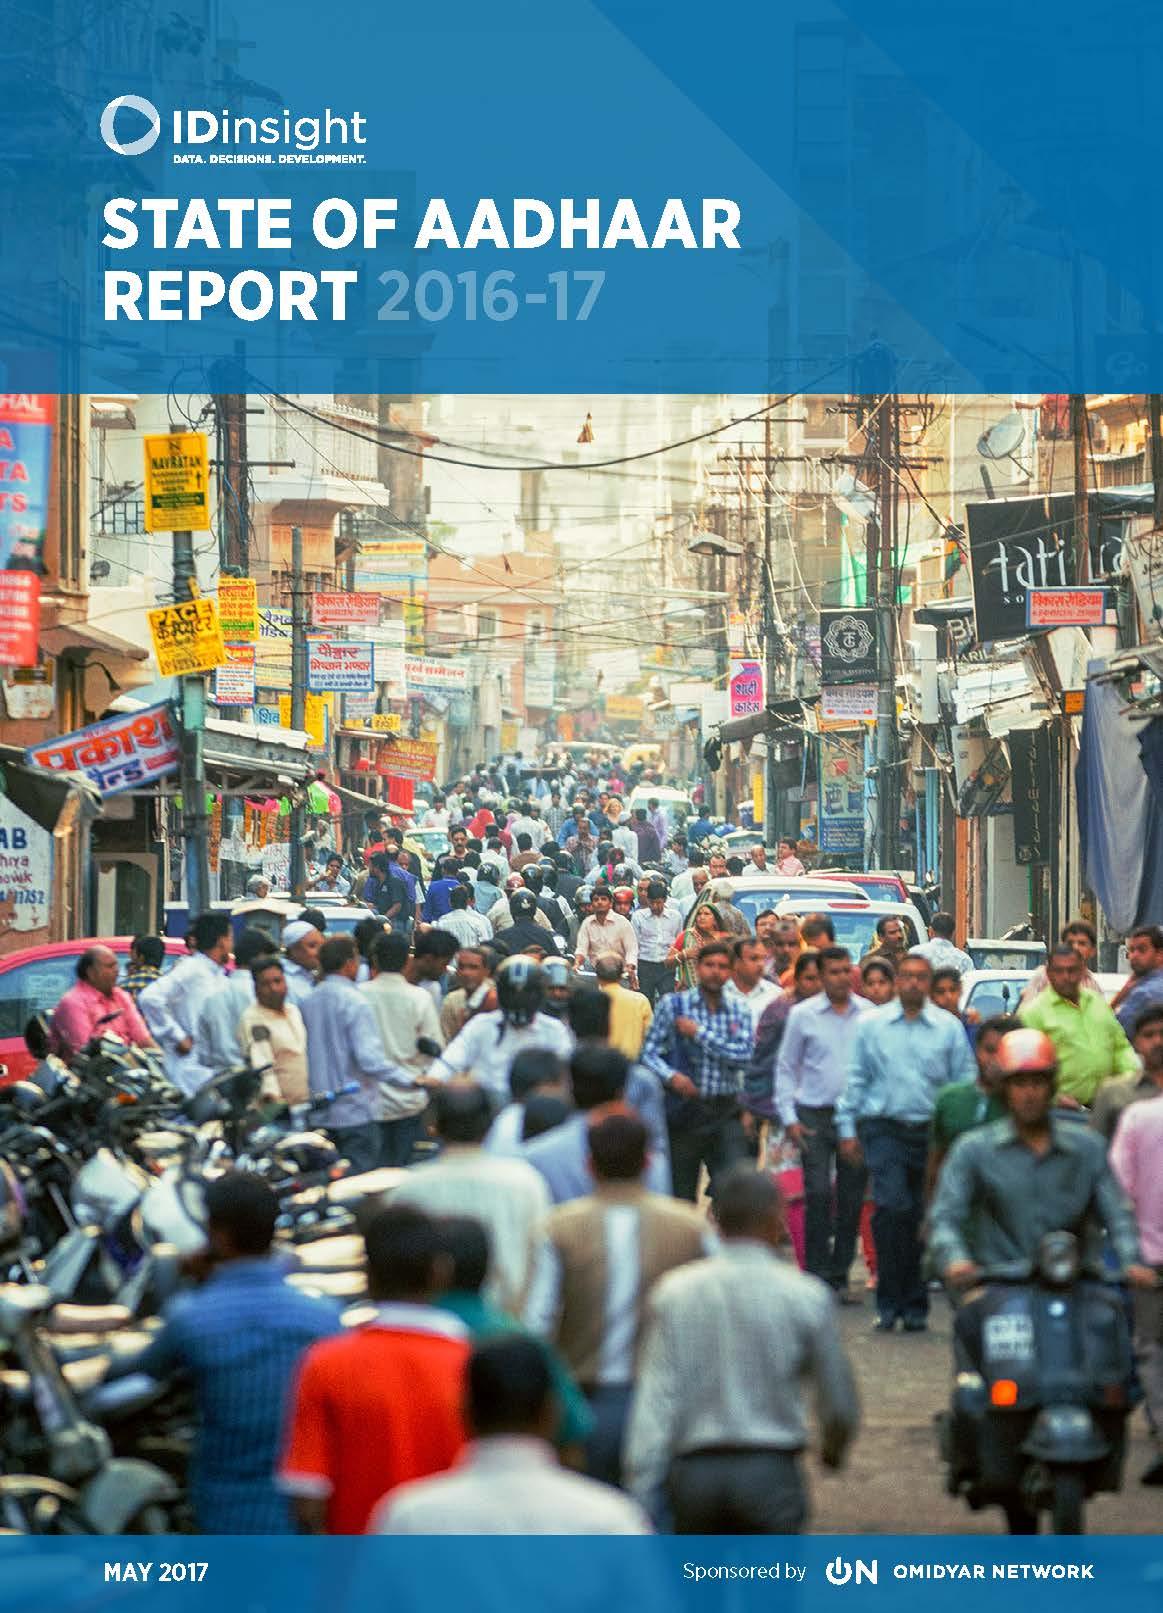 State-of-Aadhaar-Report _2016-2017_Page_001.jpg